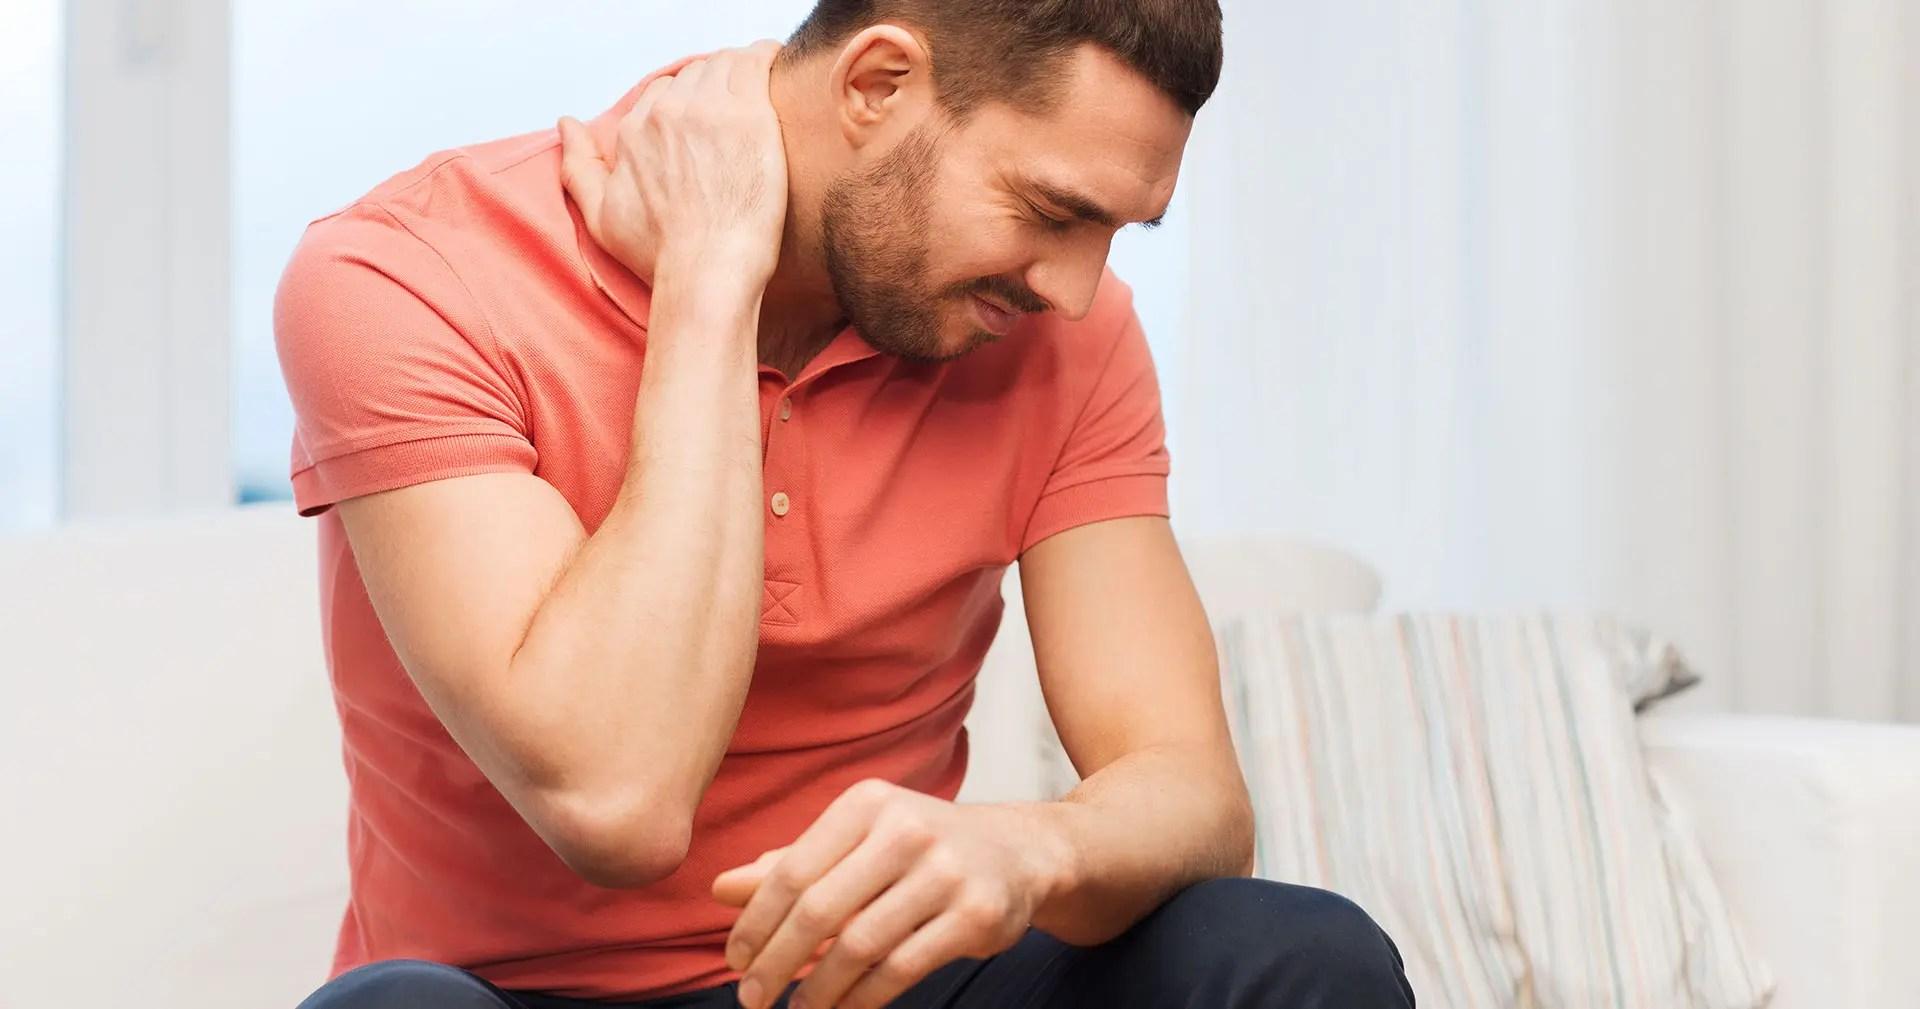 Hogyan kezeljük a krónikus fájdalmat a munkahelyen? - fájdalomportáagnisoma.hu